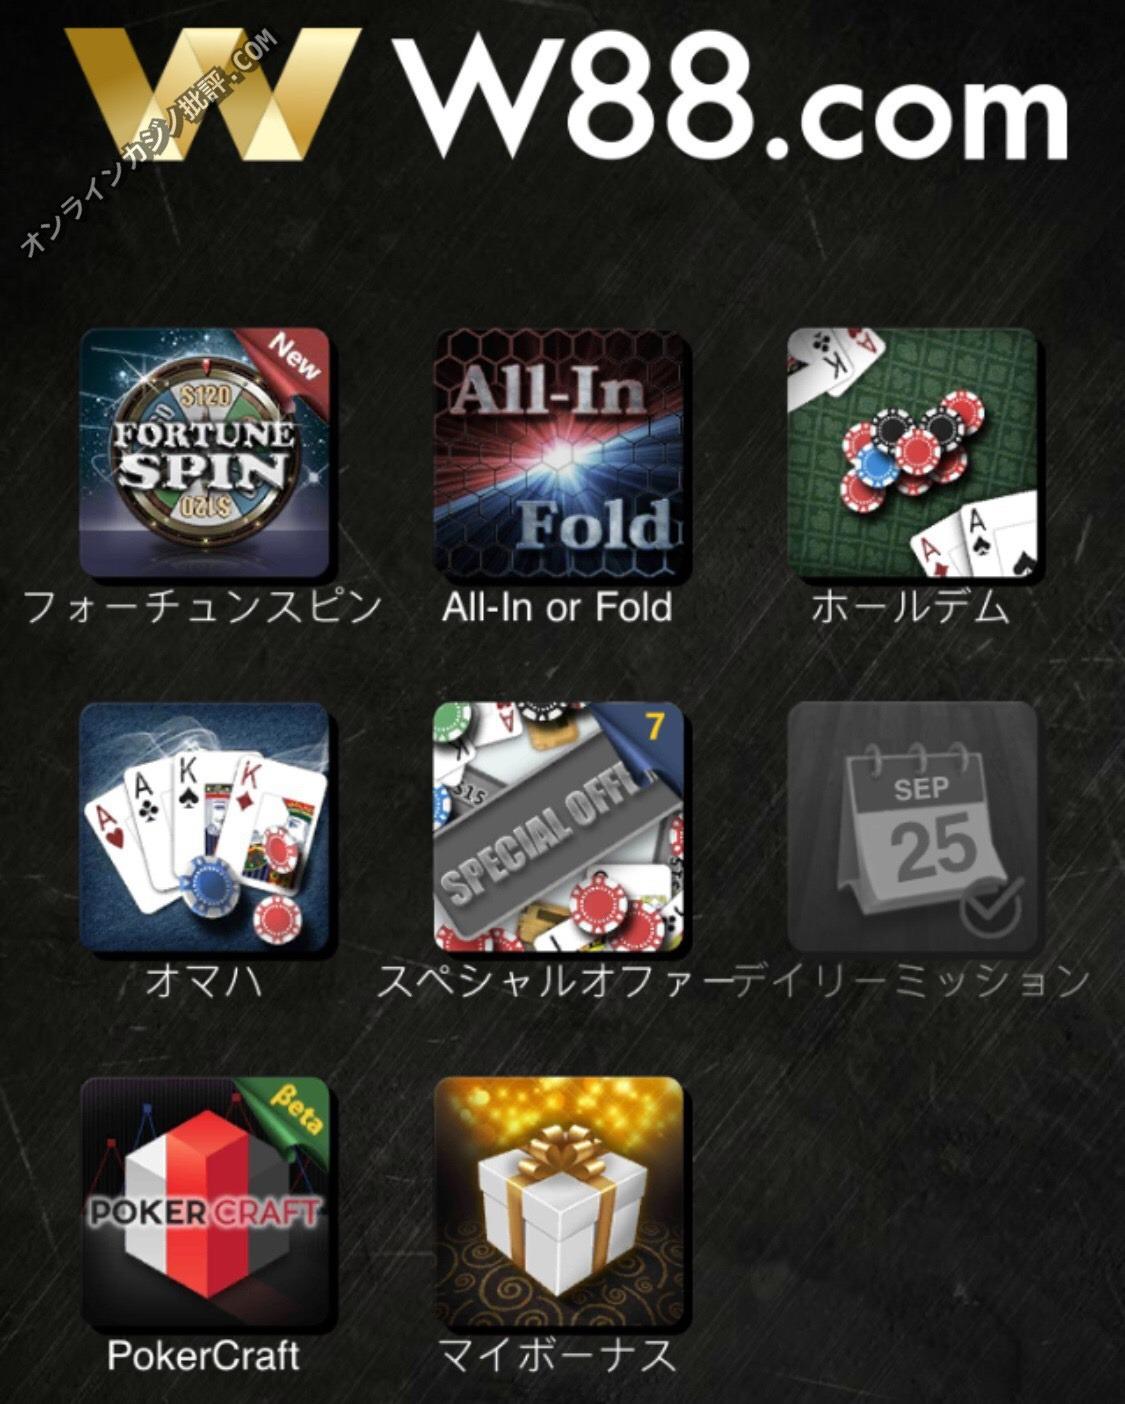 W88カジノポーカーアプリの画面